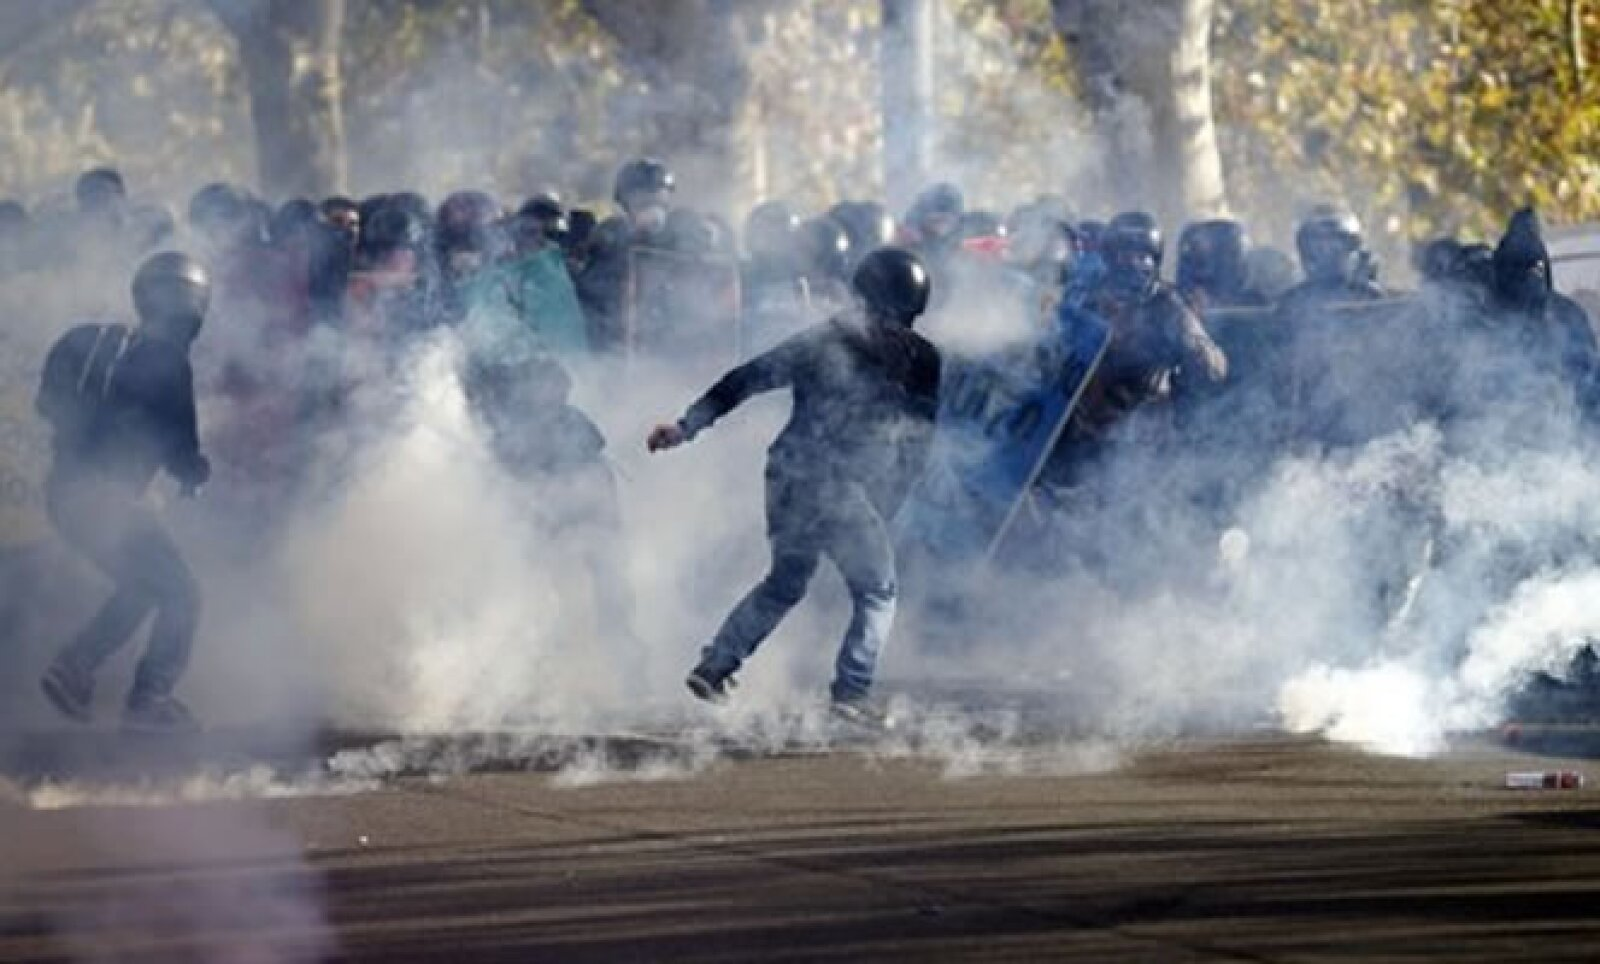 En Roma, los estudiantes, quienes se manifiestan contra los recortes en el sector de la educación, se enfrentaron a la policía.